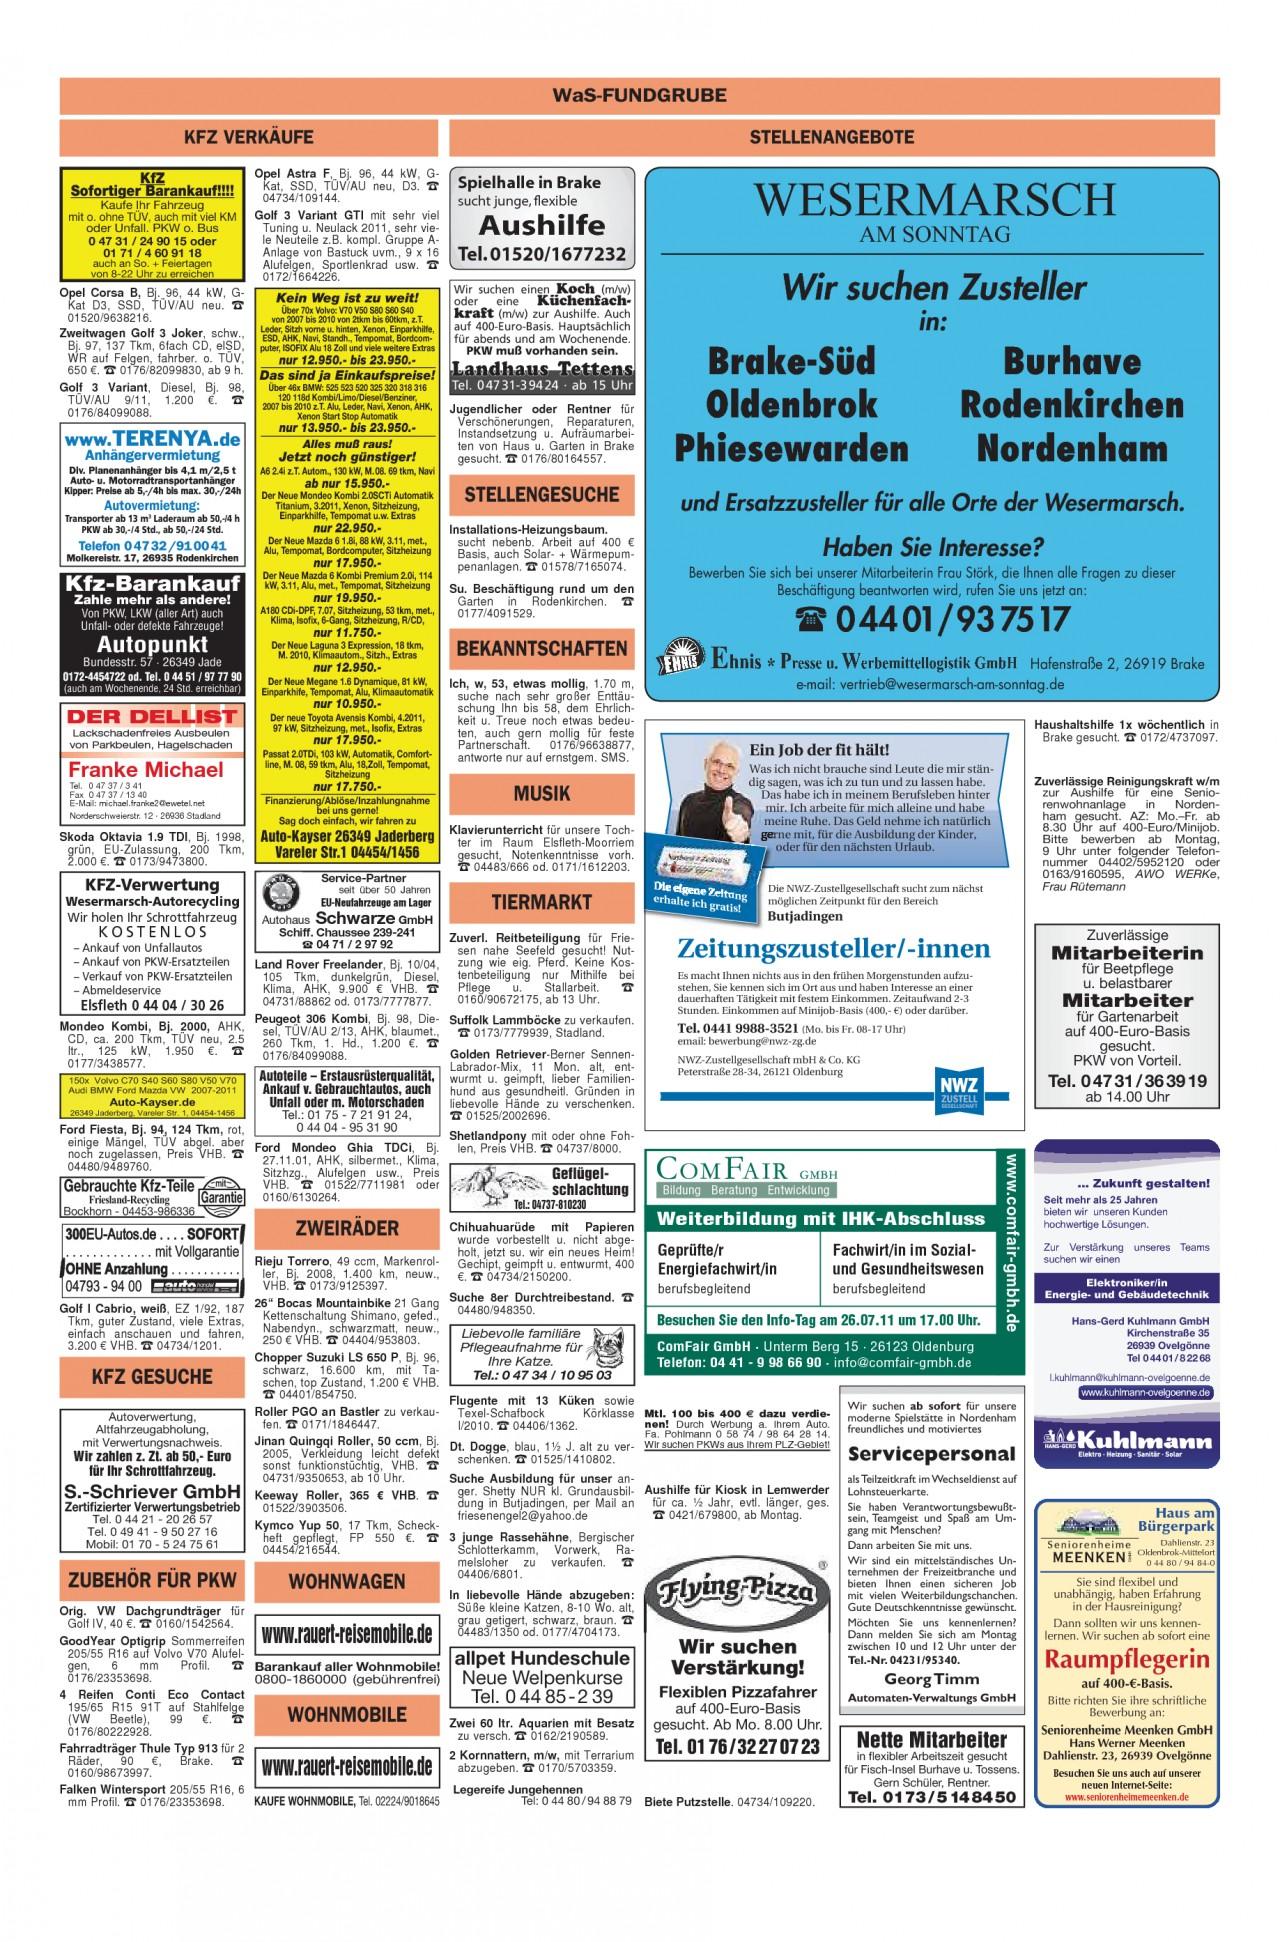 Garten Moorriem Best Of Wesermarsch Am sonntag Ausgabe Vom 24 07 2011 Seite 18